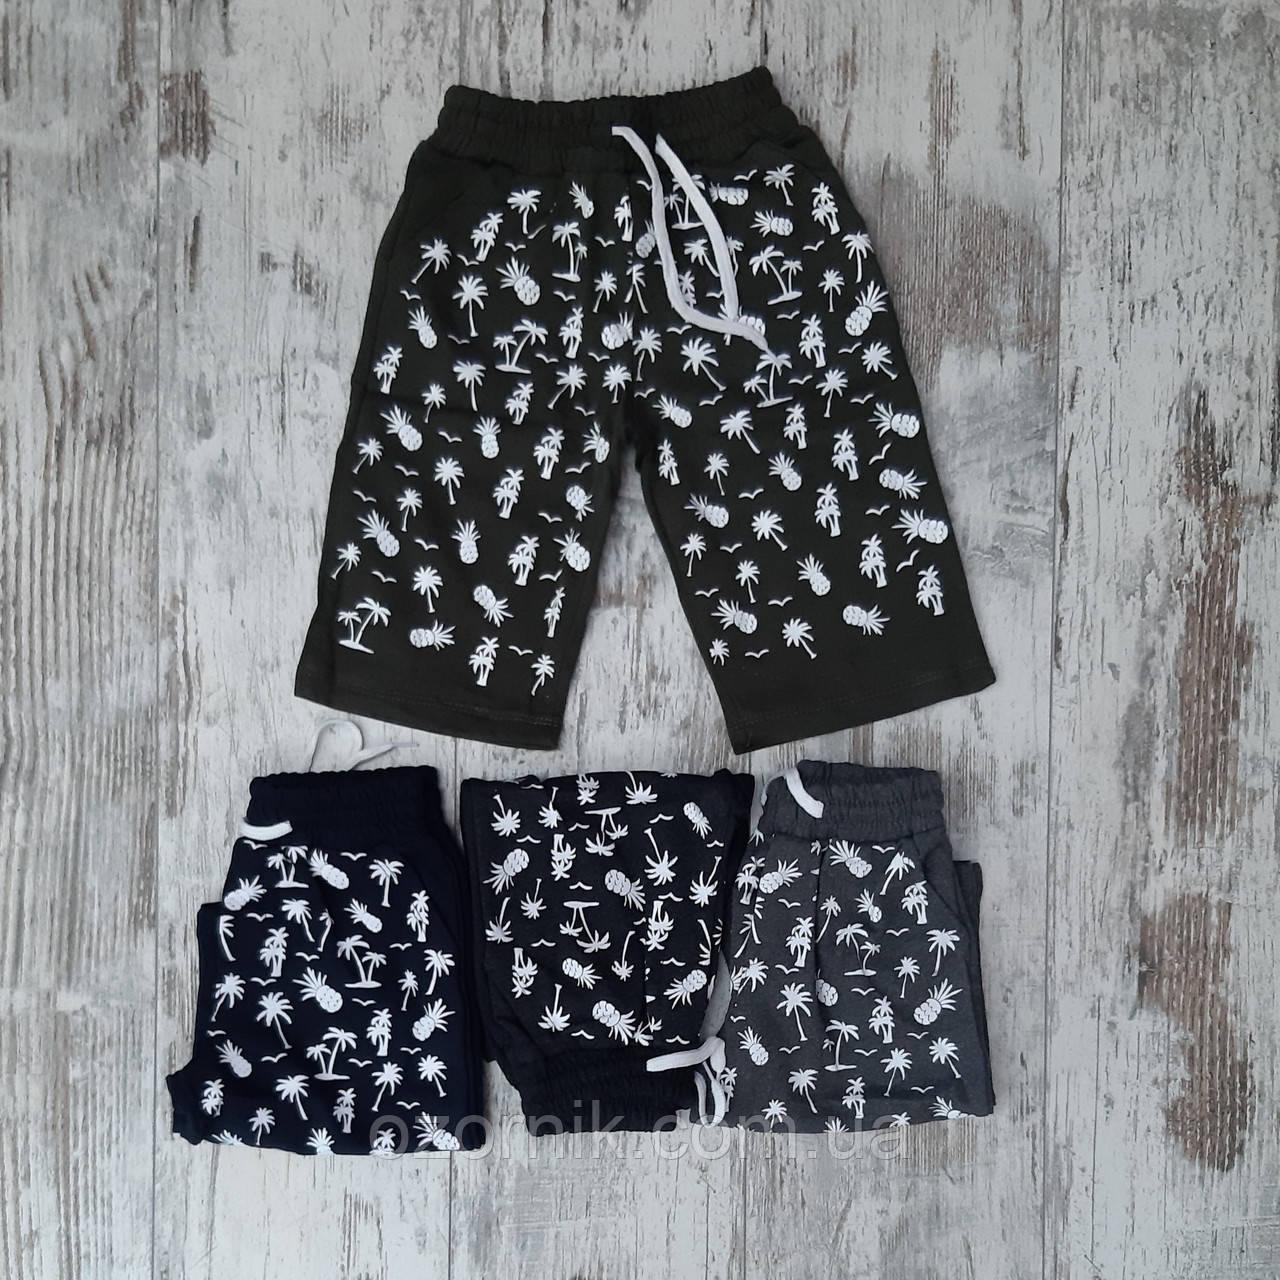 шорты мальчик пальмы